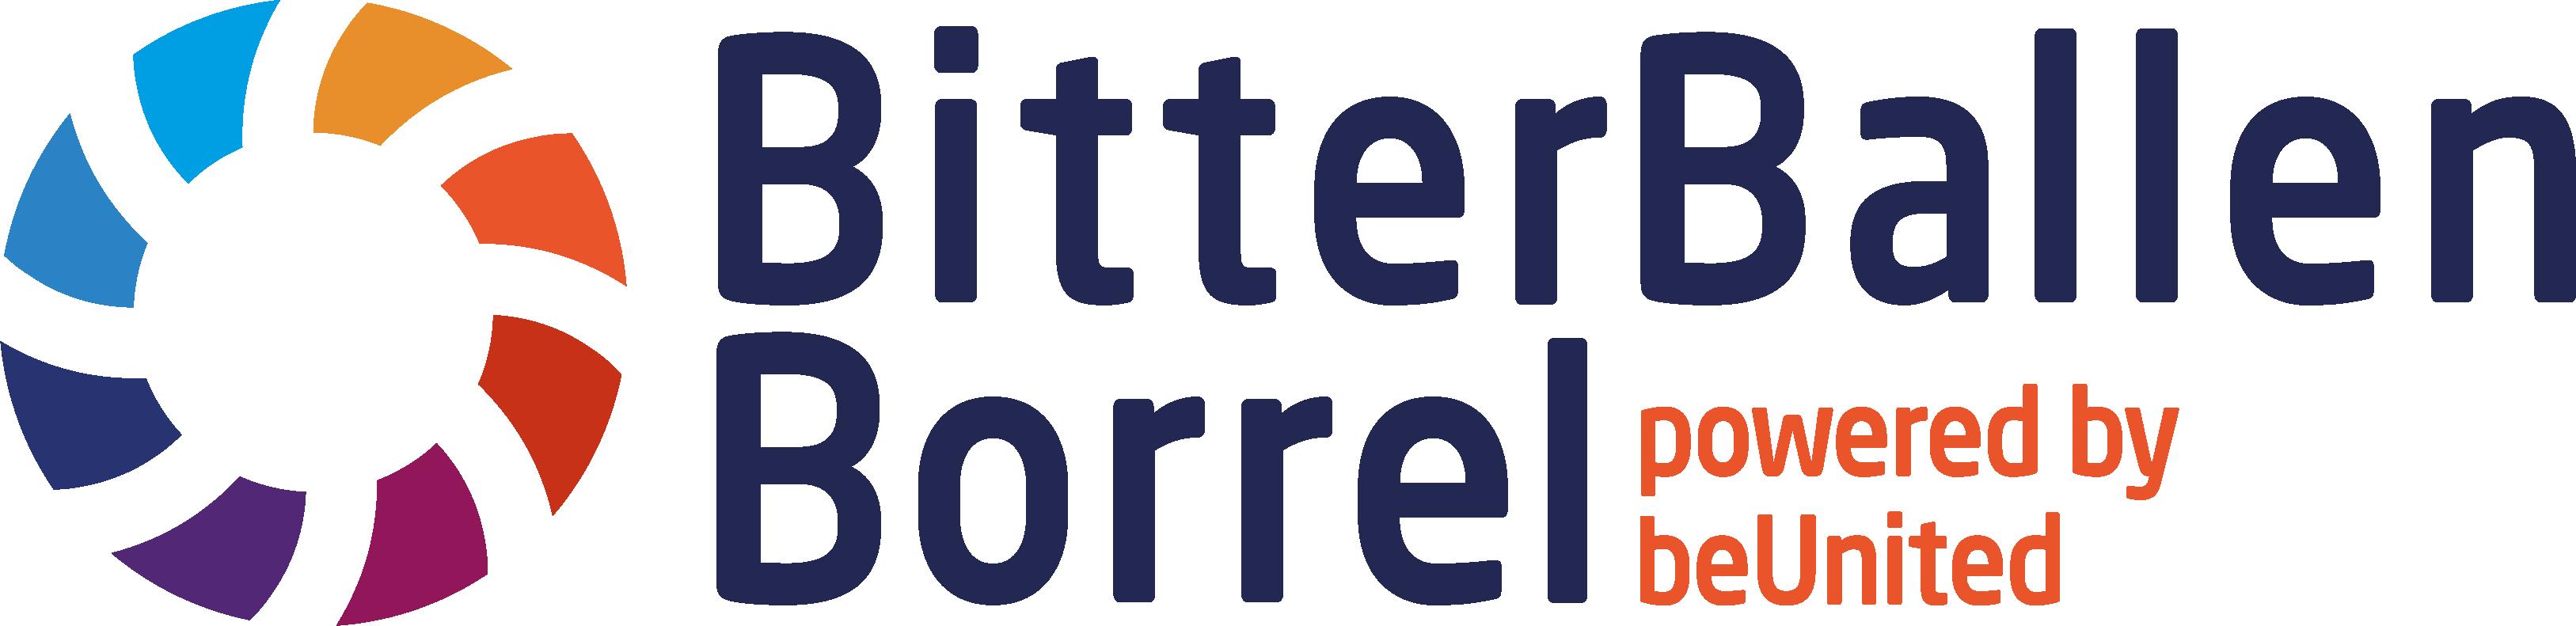 BitterBallenBorrel